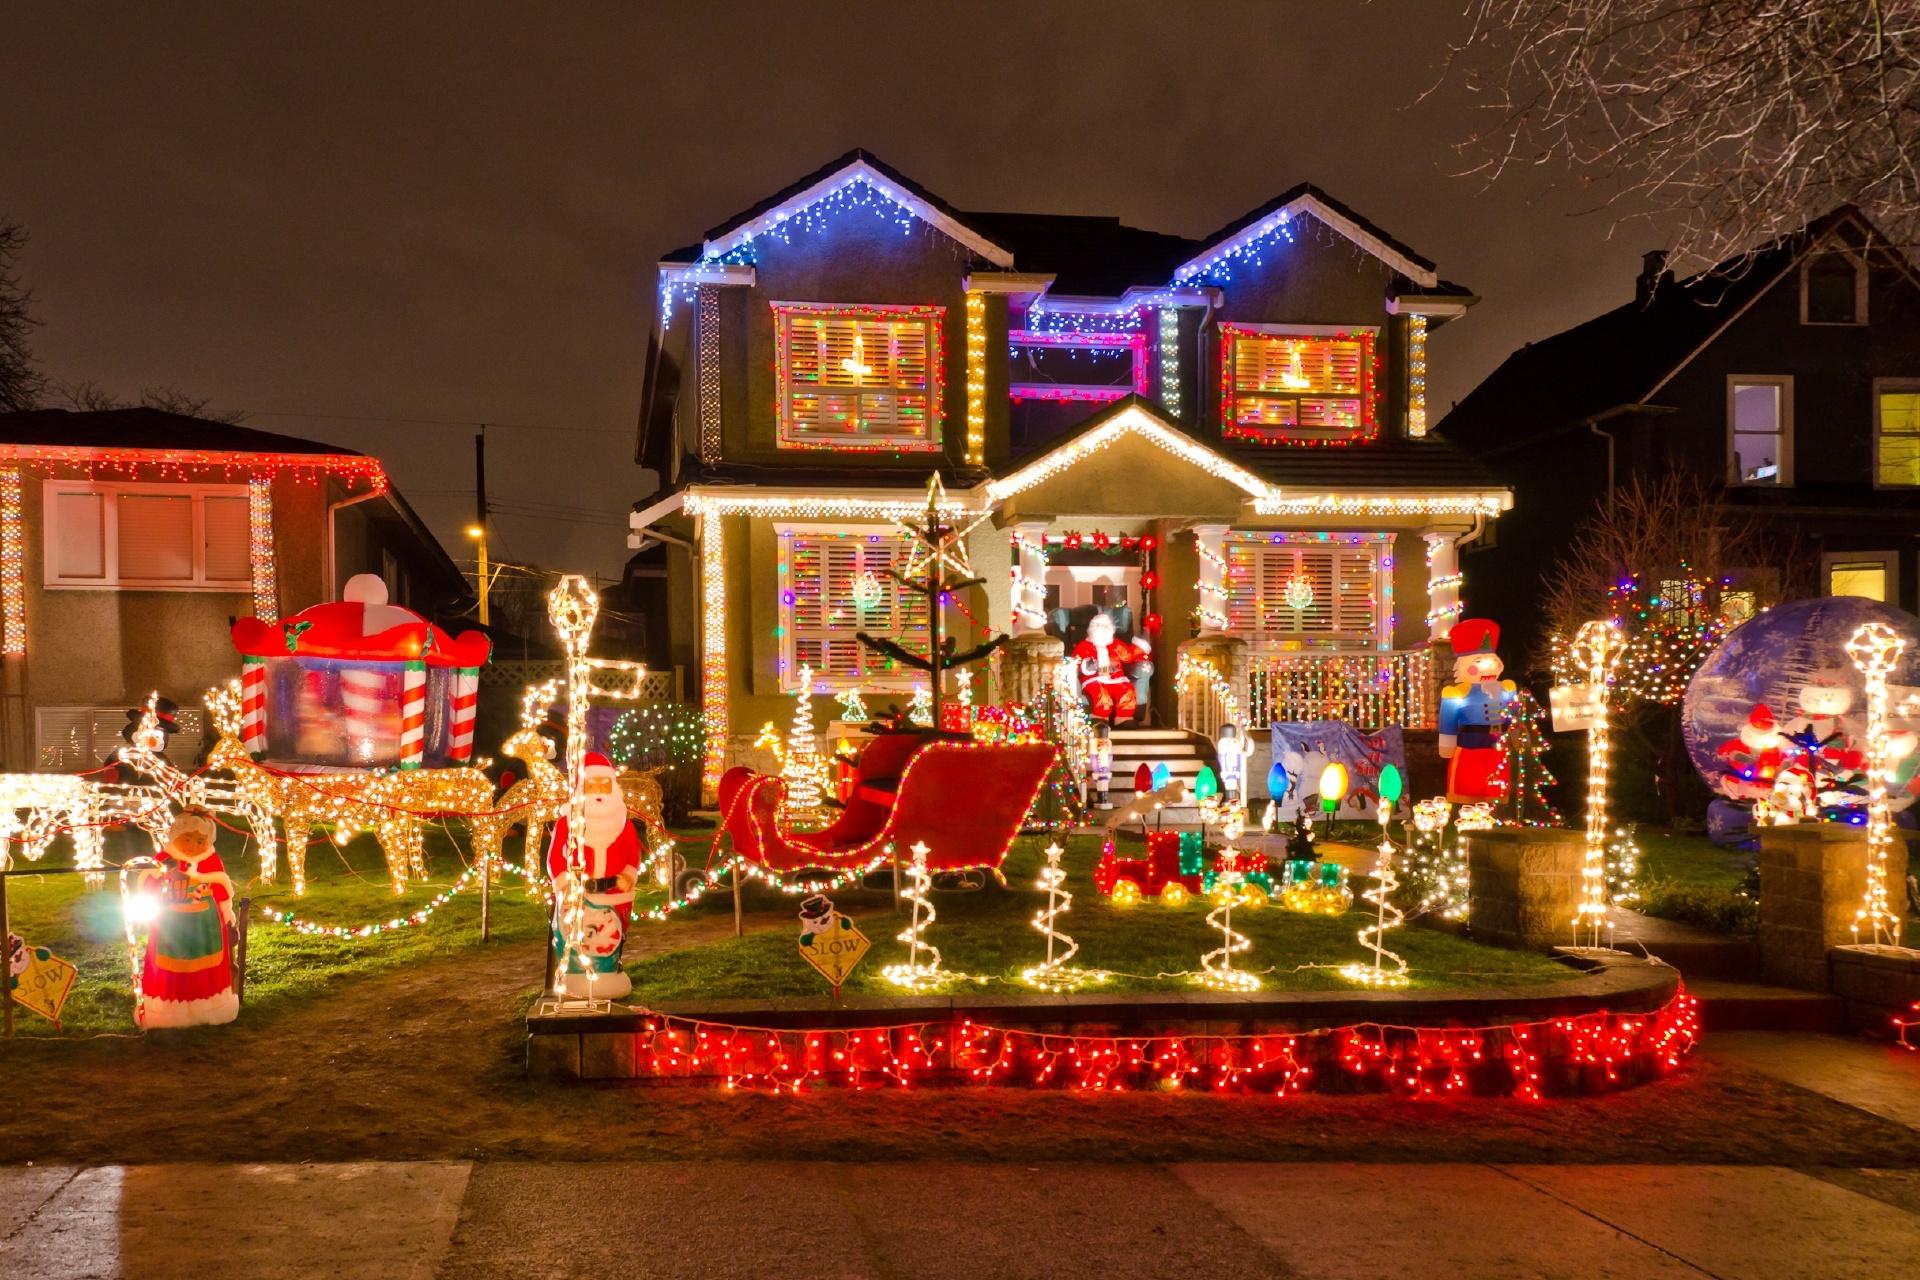 クリスマスシーズンのバンクーバーの風景 カナダの風景